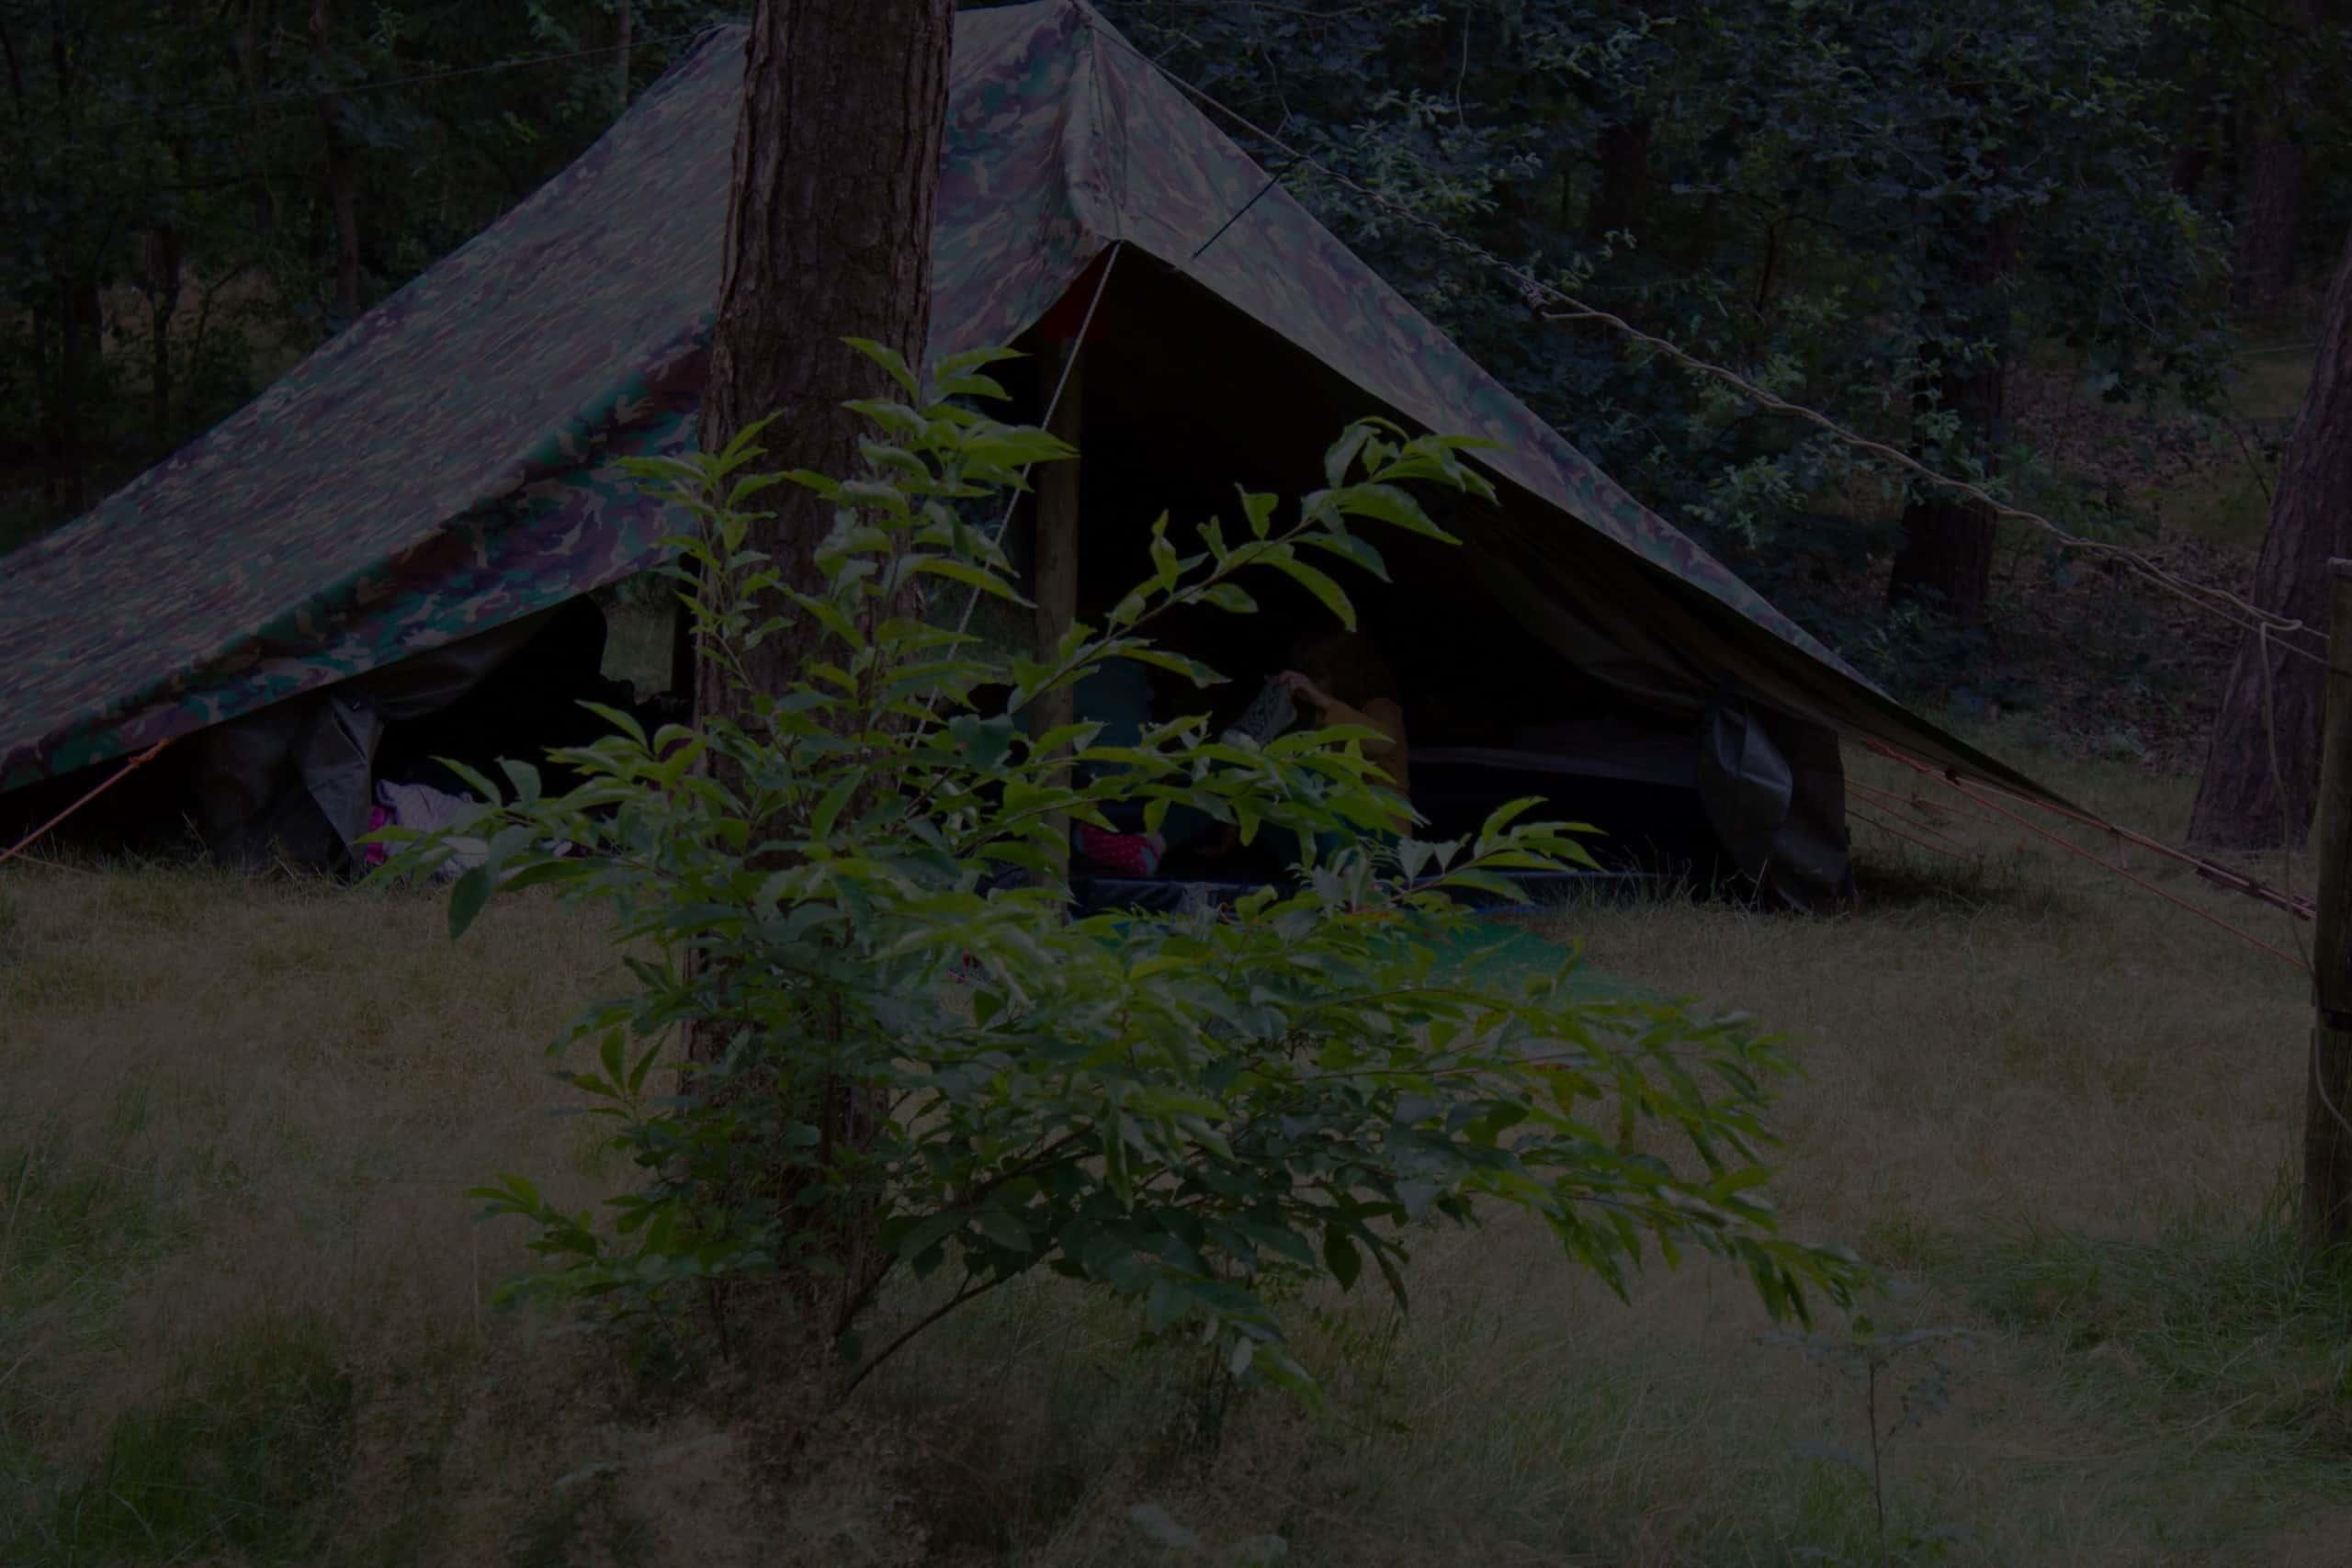 Slapen in tenten